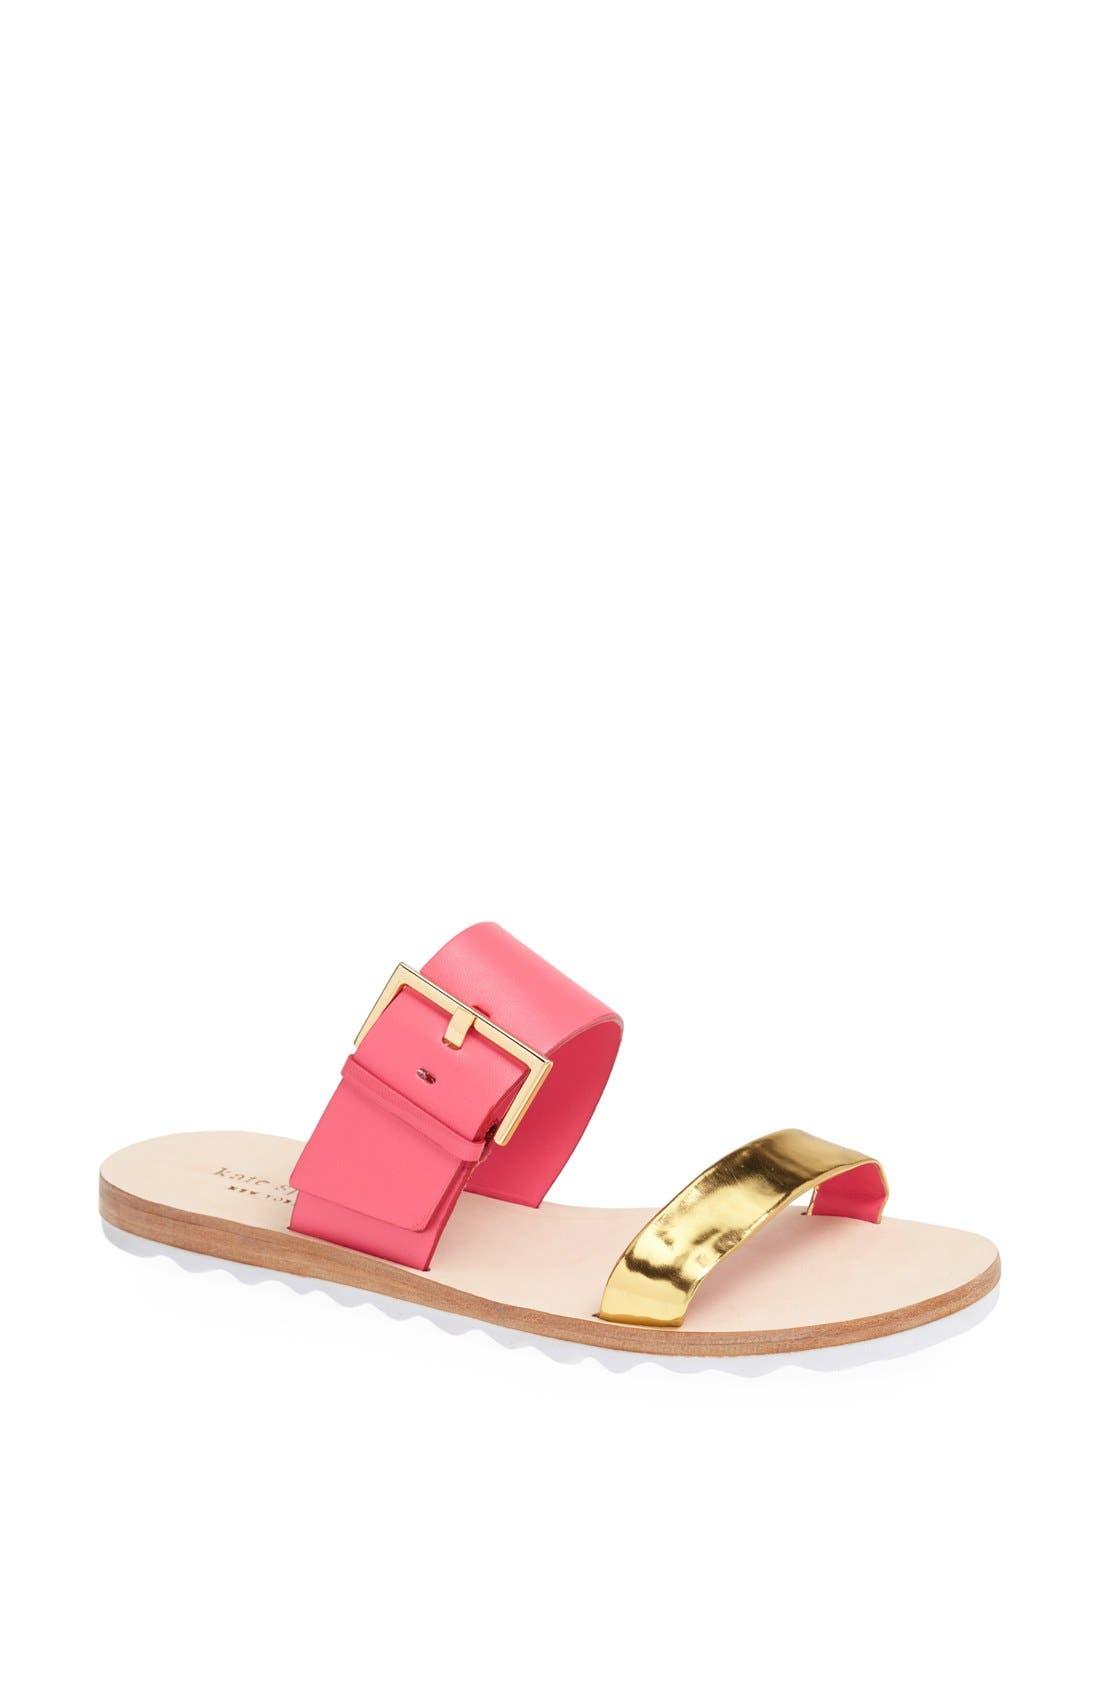 Alternate Image 1 Selected - kate spade new york 'attitude' slide sandal